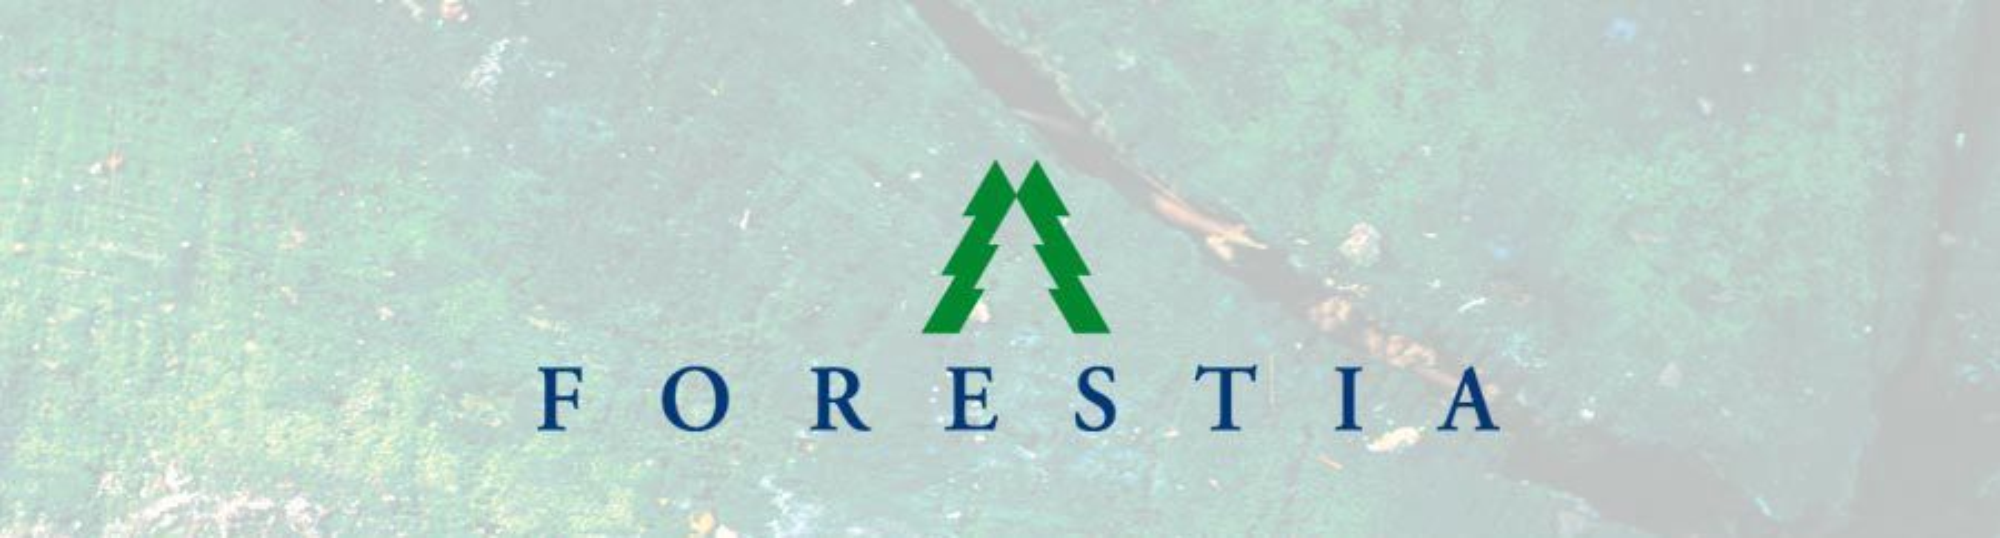 Norske Skog selger Forestia